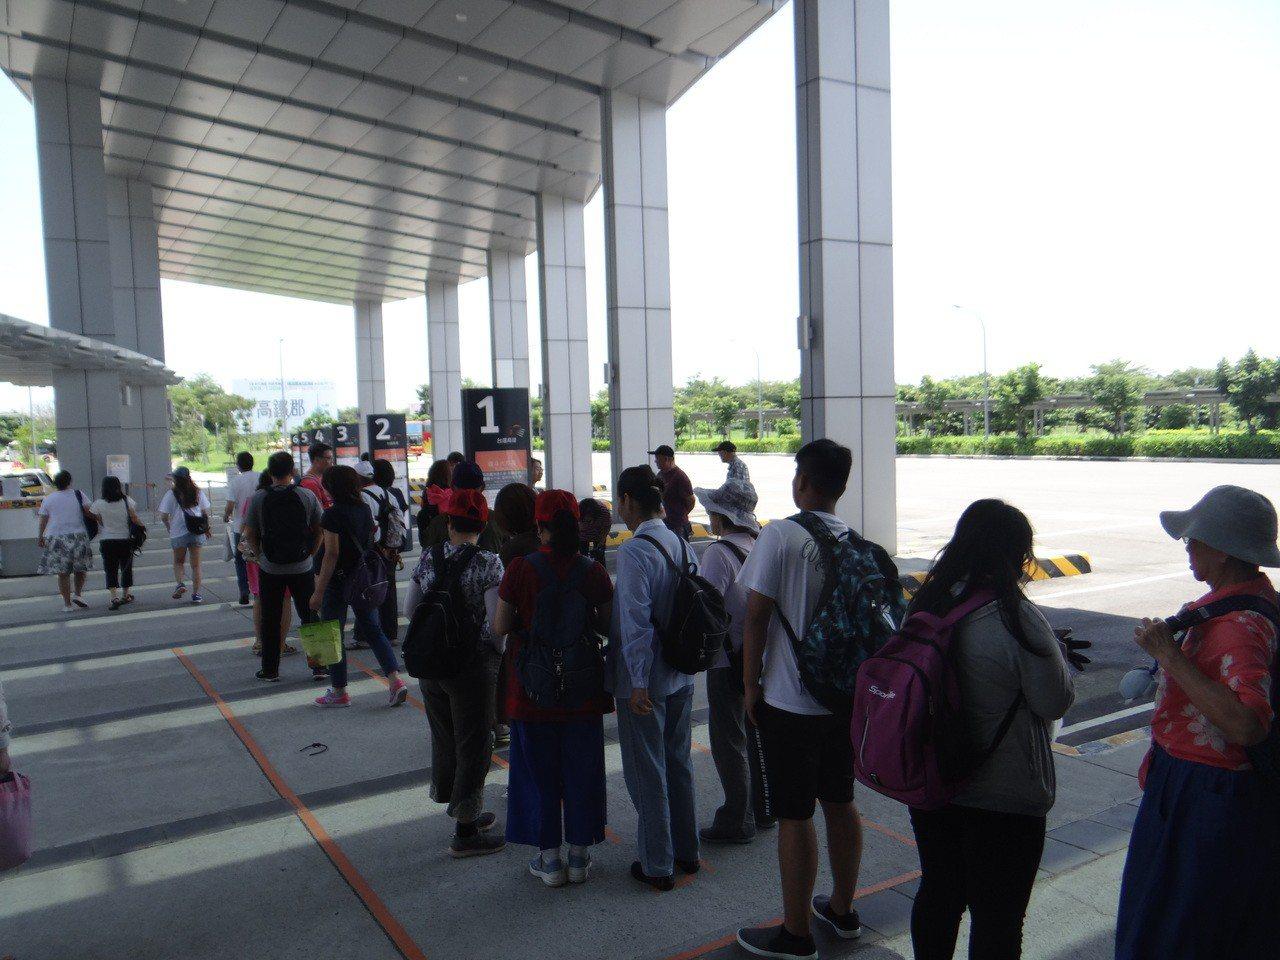 高鐵接駁站從上午到下午都有許多韓粉排隊等車。記者蔡維斌/攝影